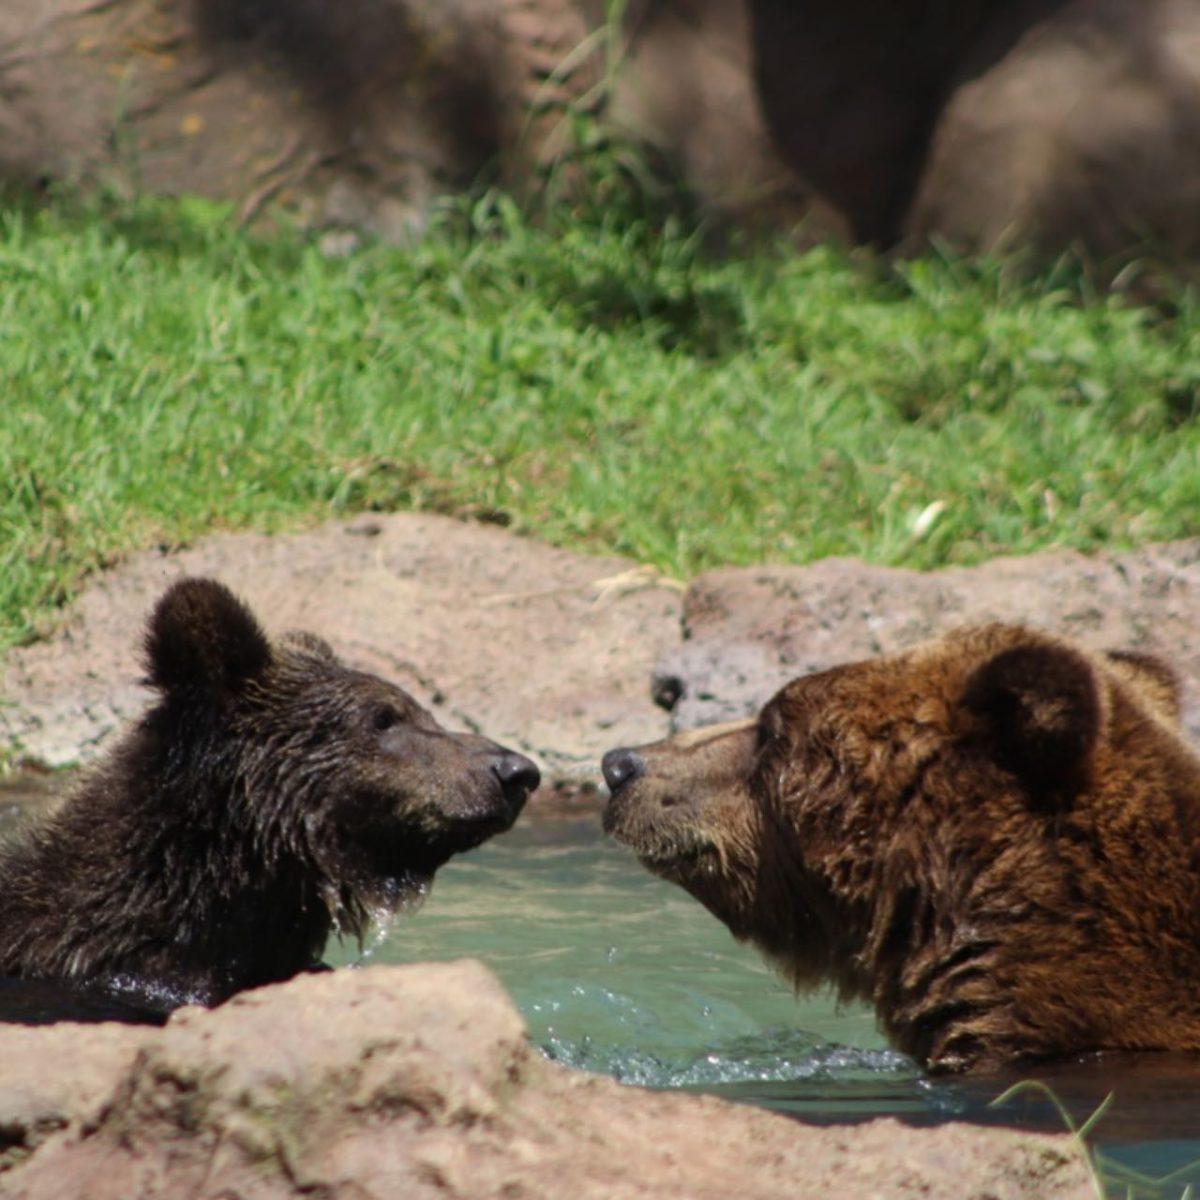 Koda es el nuevo nombre del osezno que vive en el Zoológico La Aurora